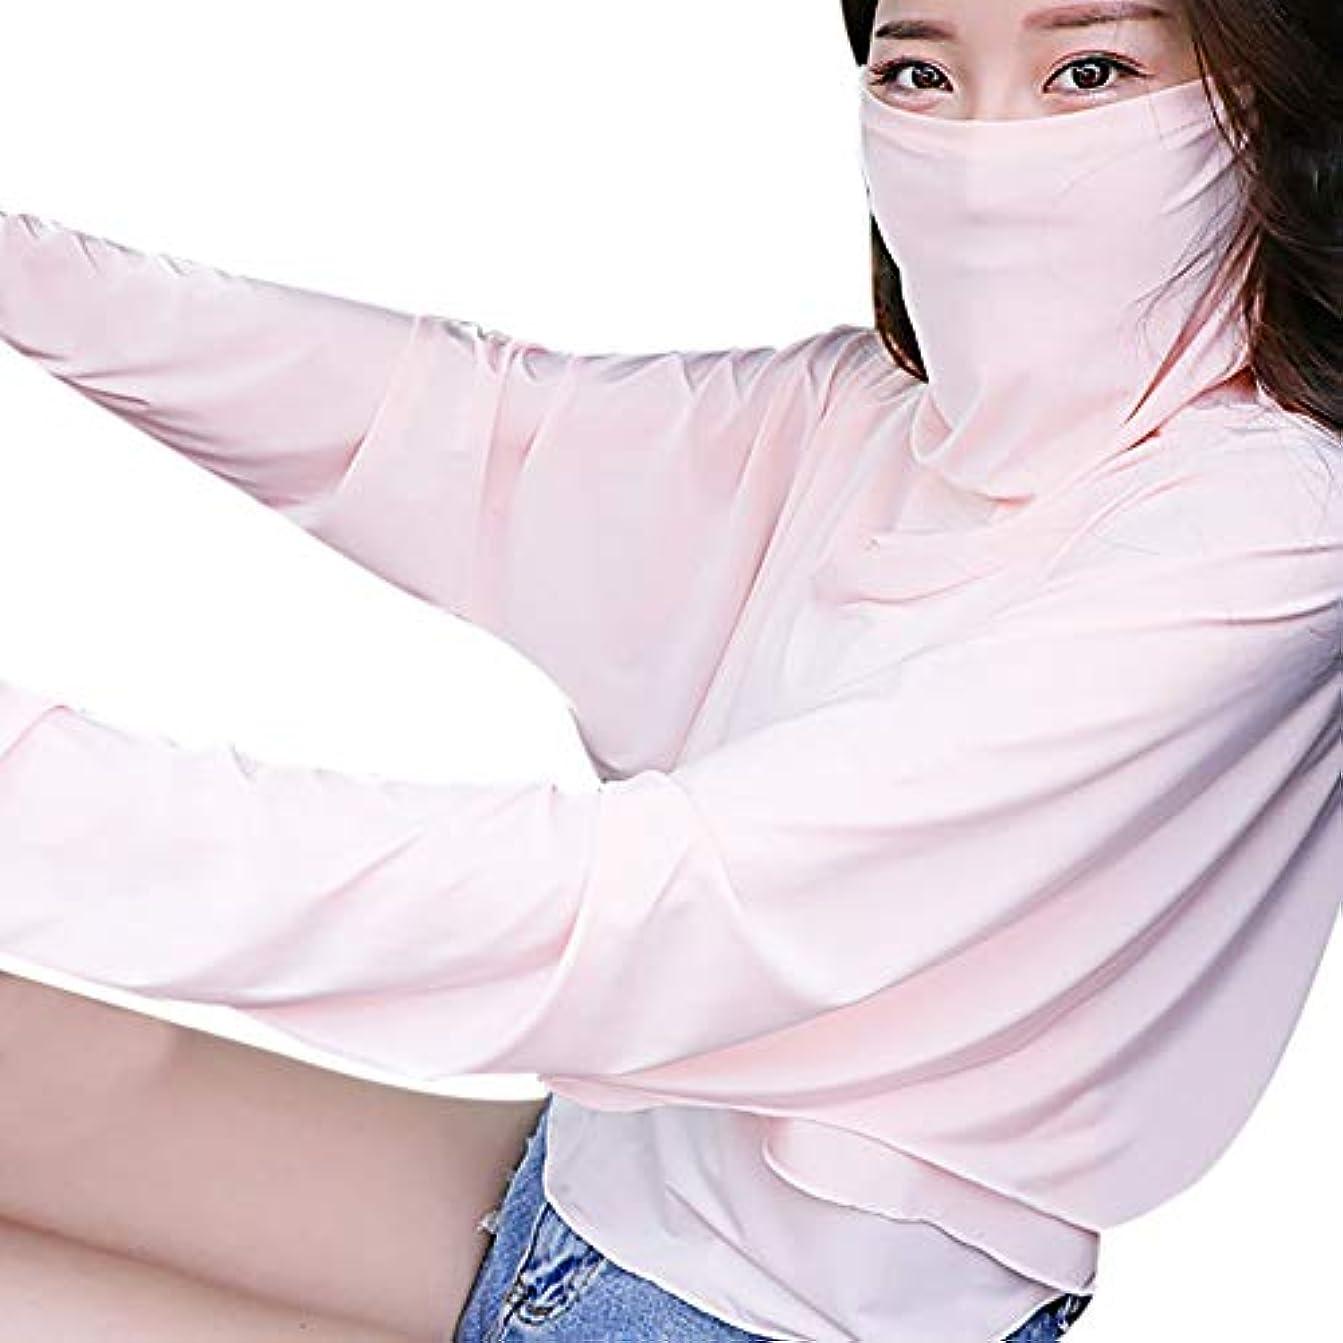 兄弟愛深める国民投票Dkhsy女性軽量クイックドライサンプロテクション服uv保護コート抗uv通気性ショール屋外防蚊シャツ付きフェイスマスク